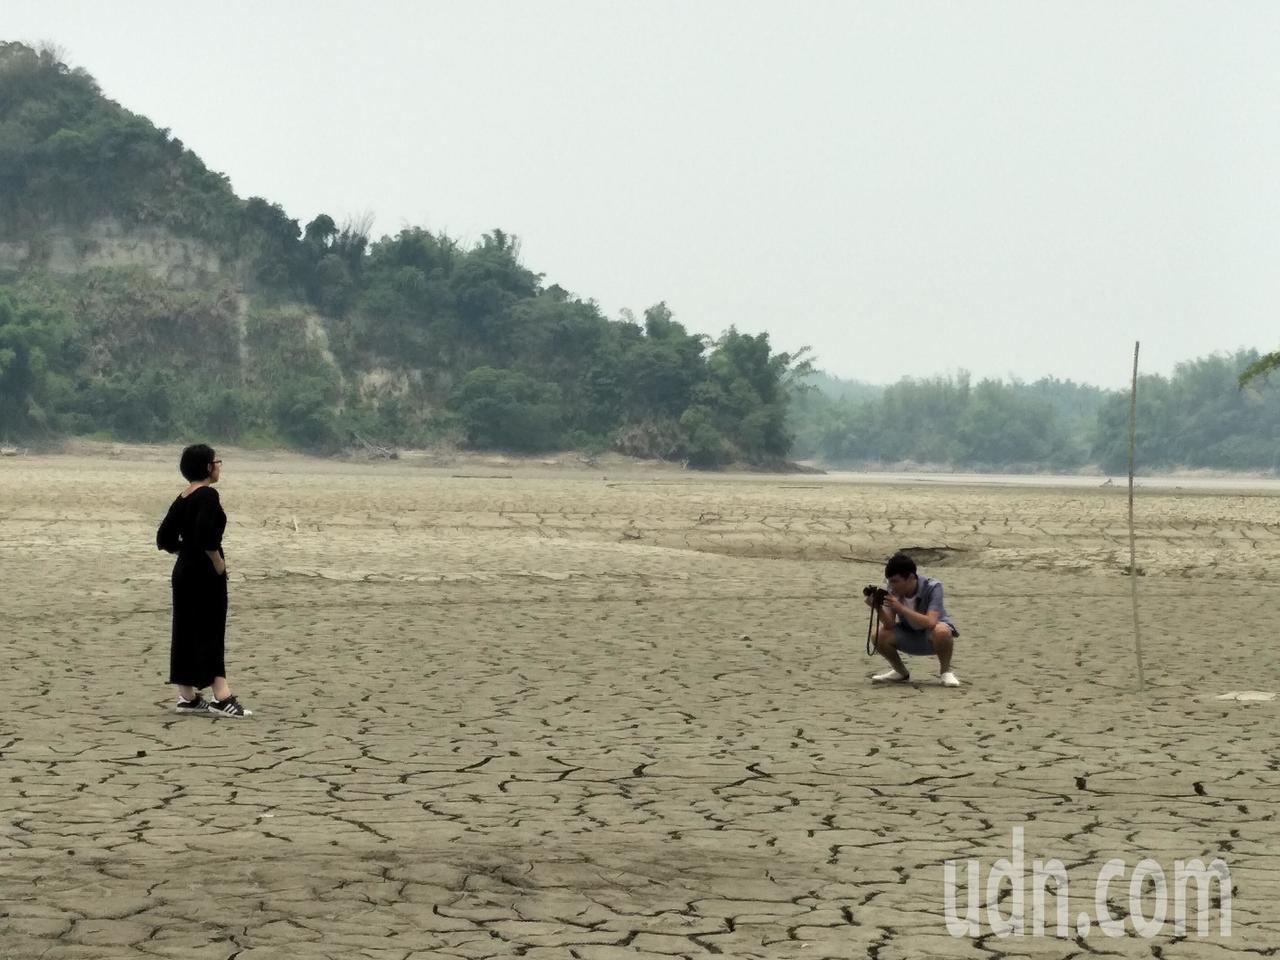 乾涸的庫底奇景,吸引遊客拍照。記者謝進盛/攝影